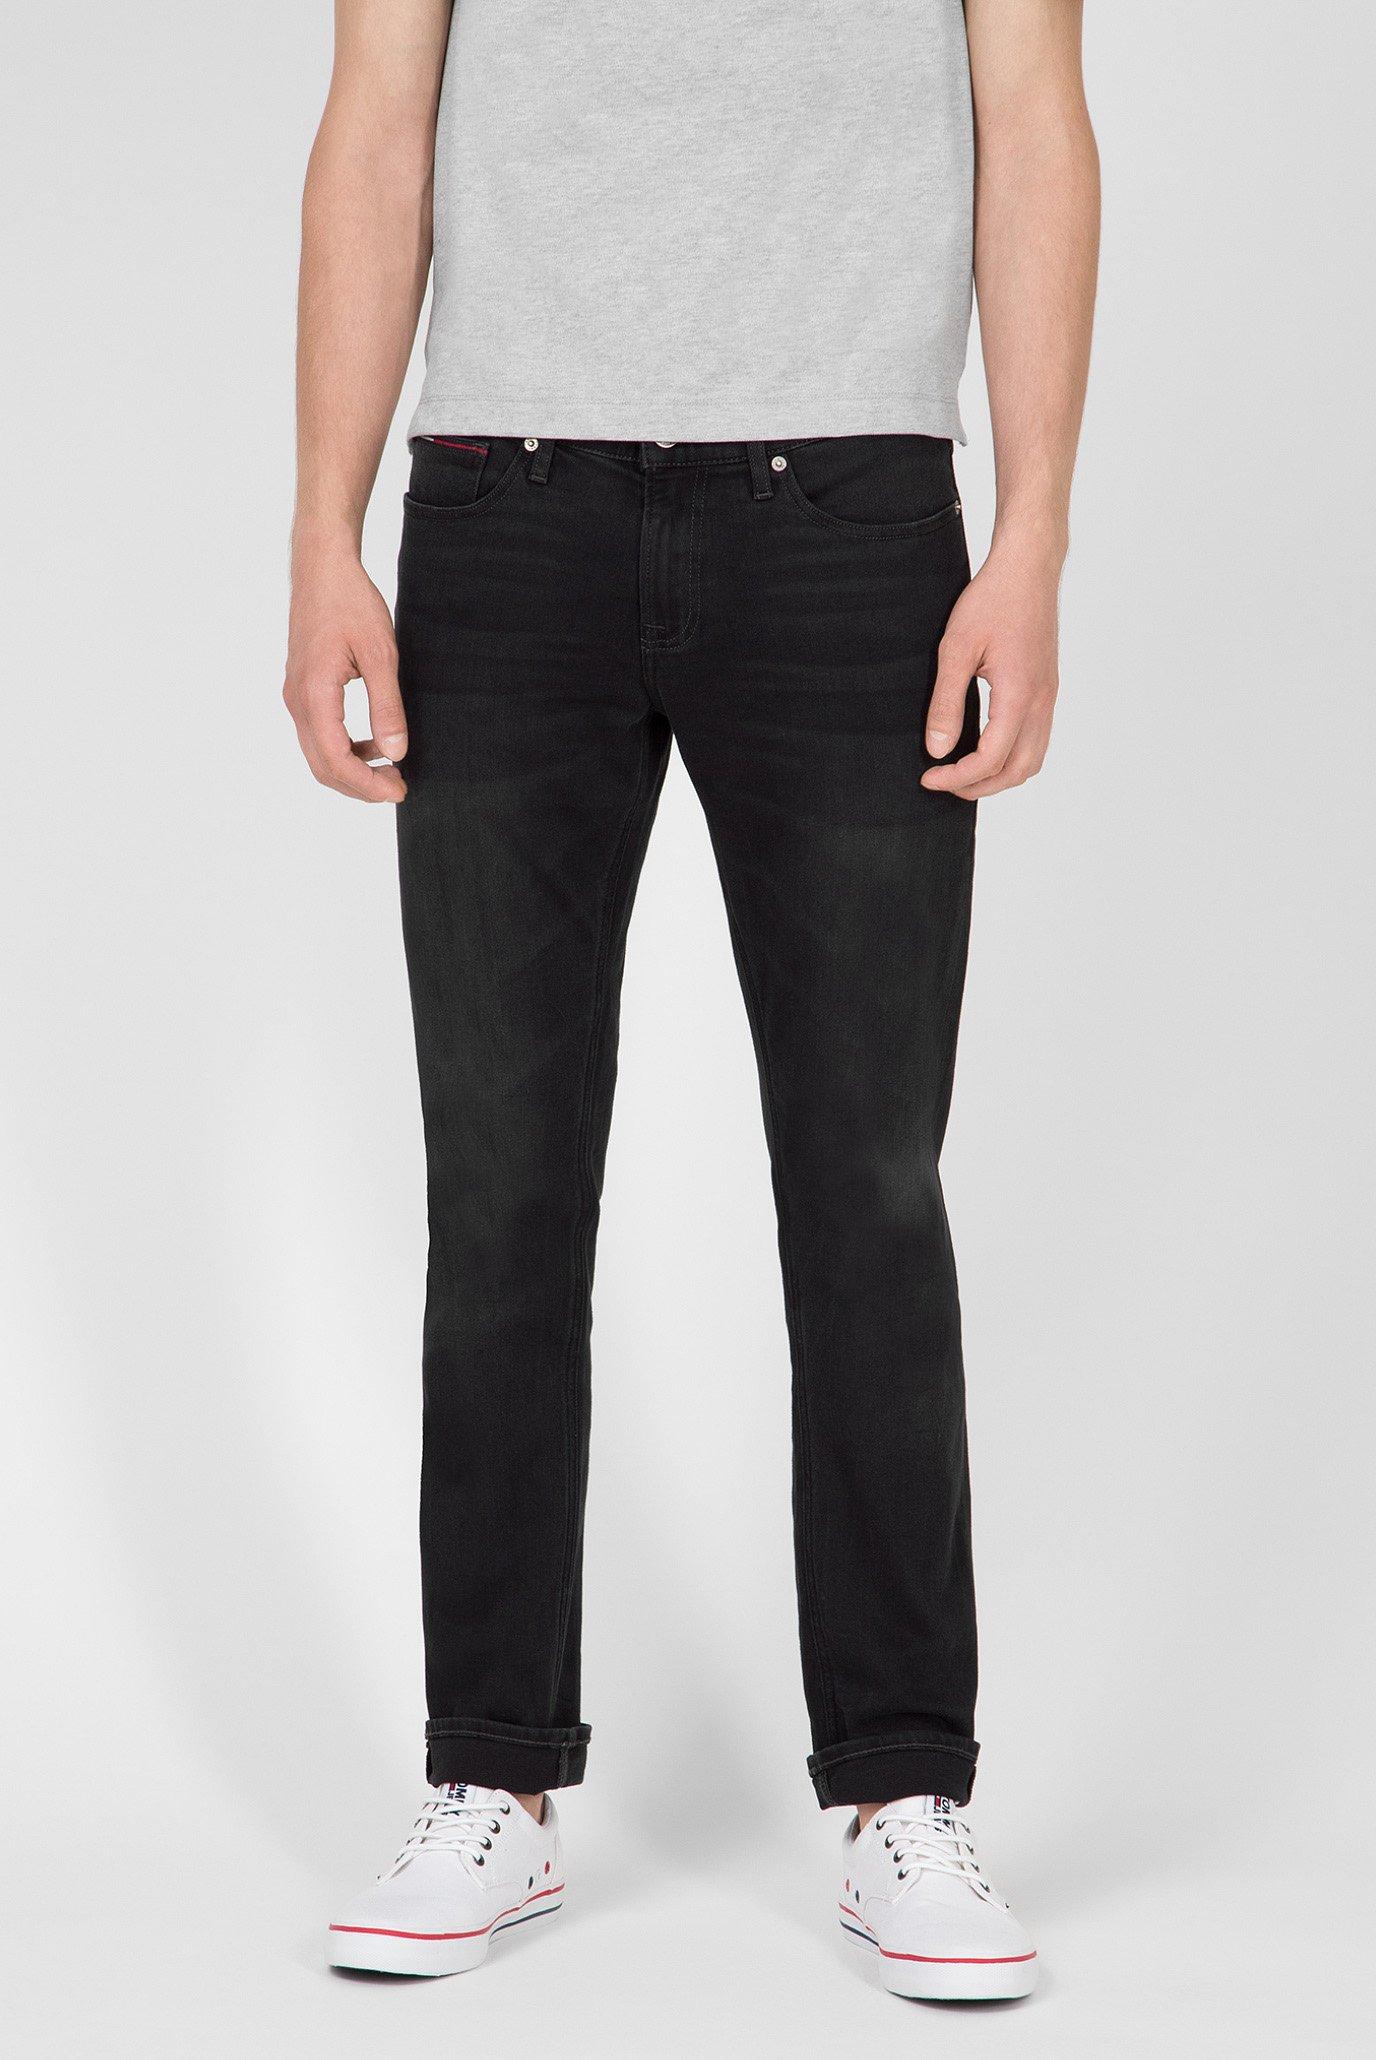 Купить Мужские черные джинсы SLIM SCANTON Tommy Hilfiger Tommy Hilfiger DM0DM04630 – Киев, Украина. Цены в интернет магазине MD Fashion